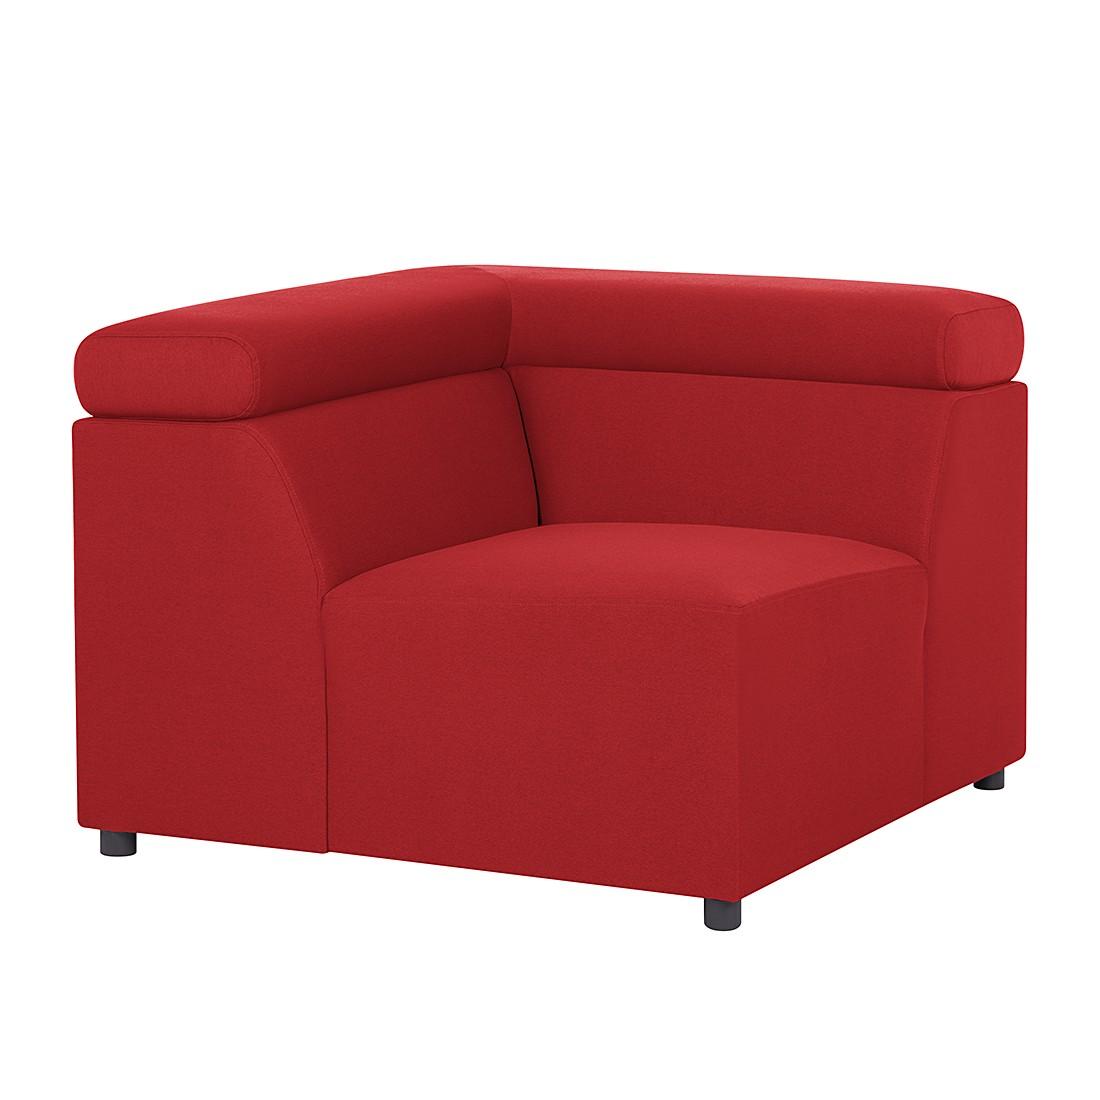 Canapé modulaire Hillier - Tissu - Rouge, Fredriks